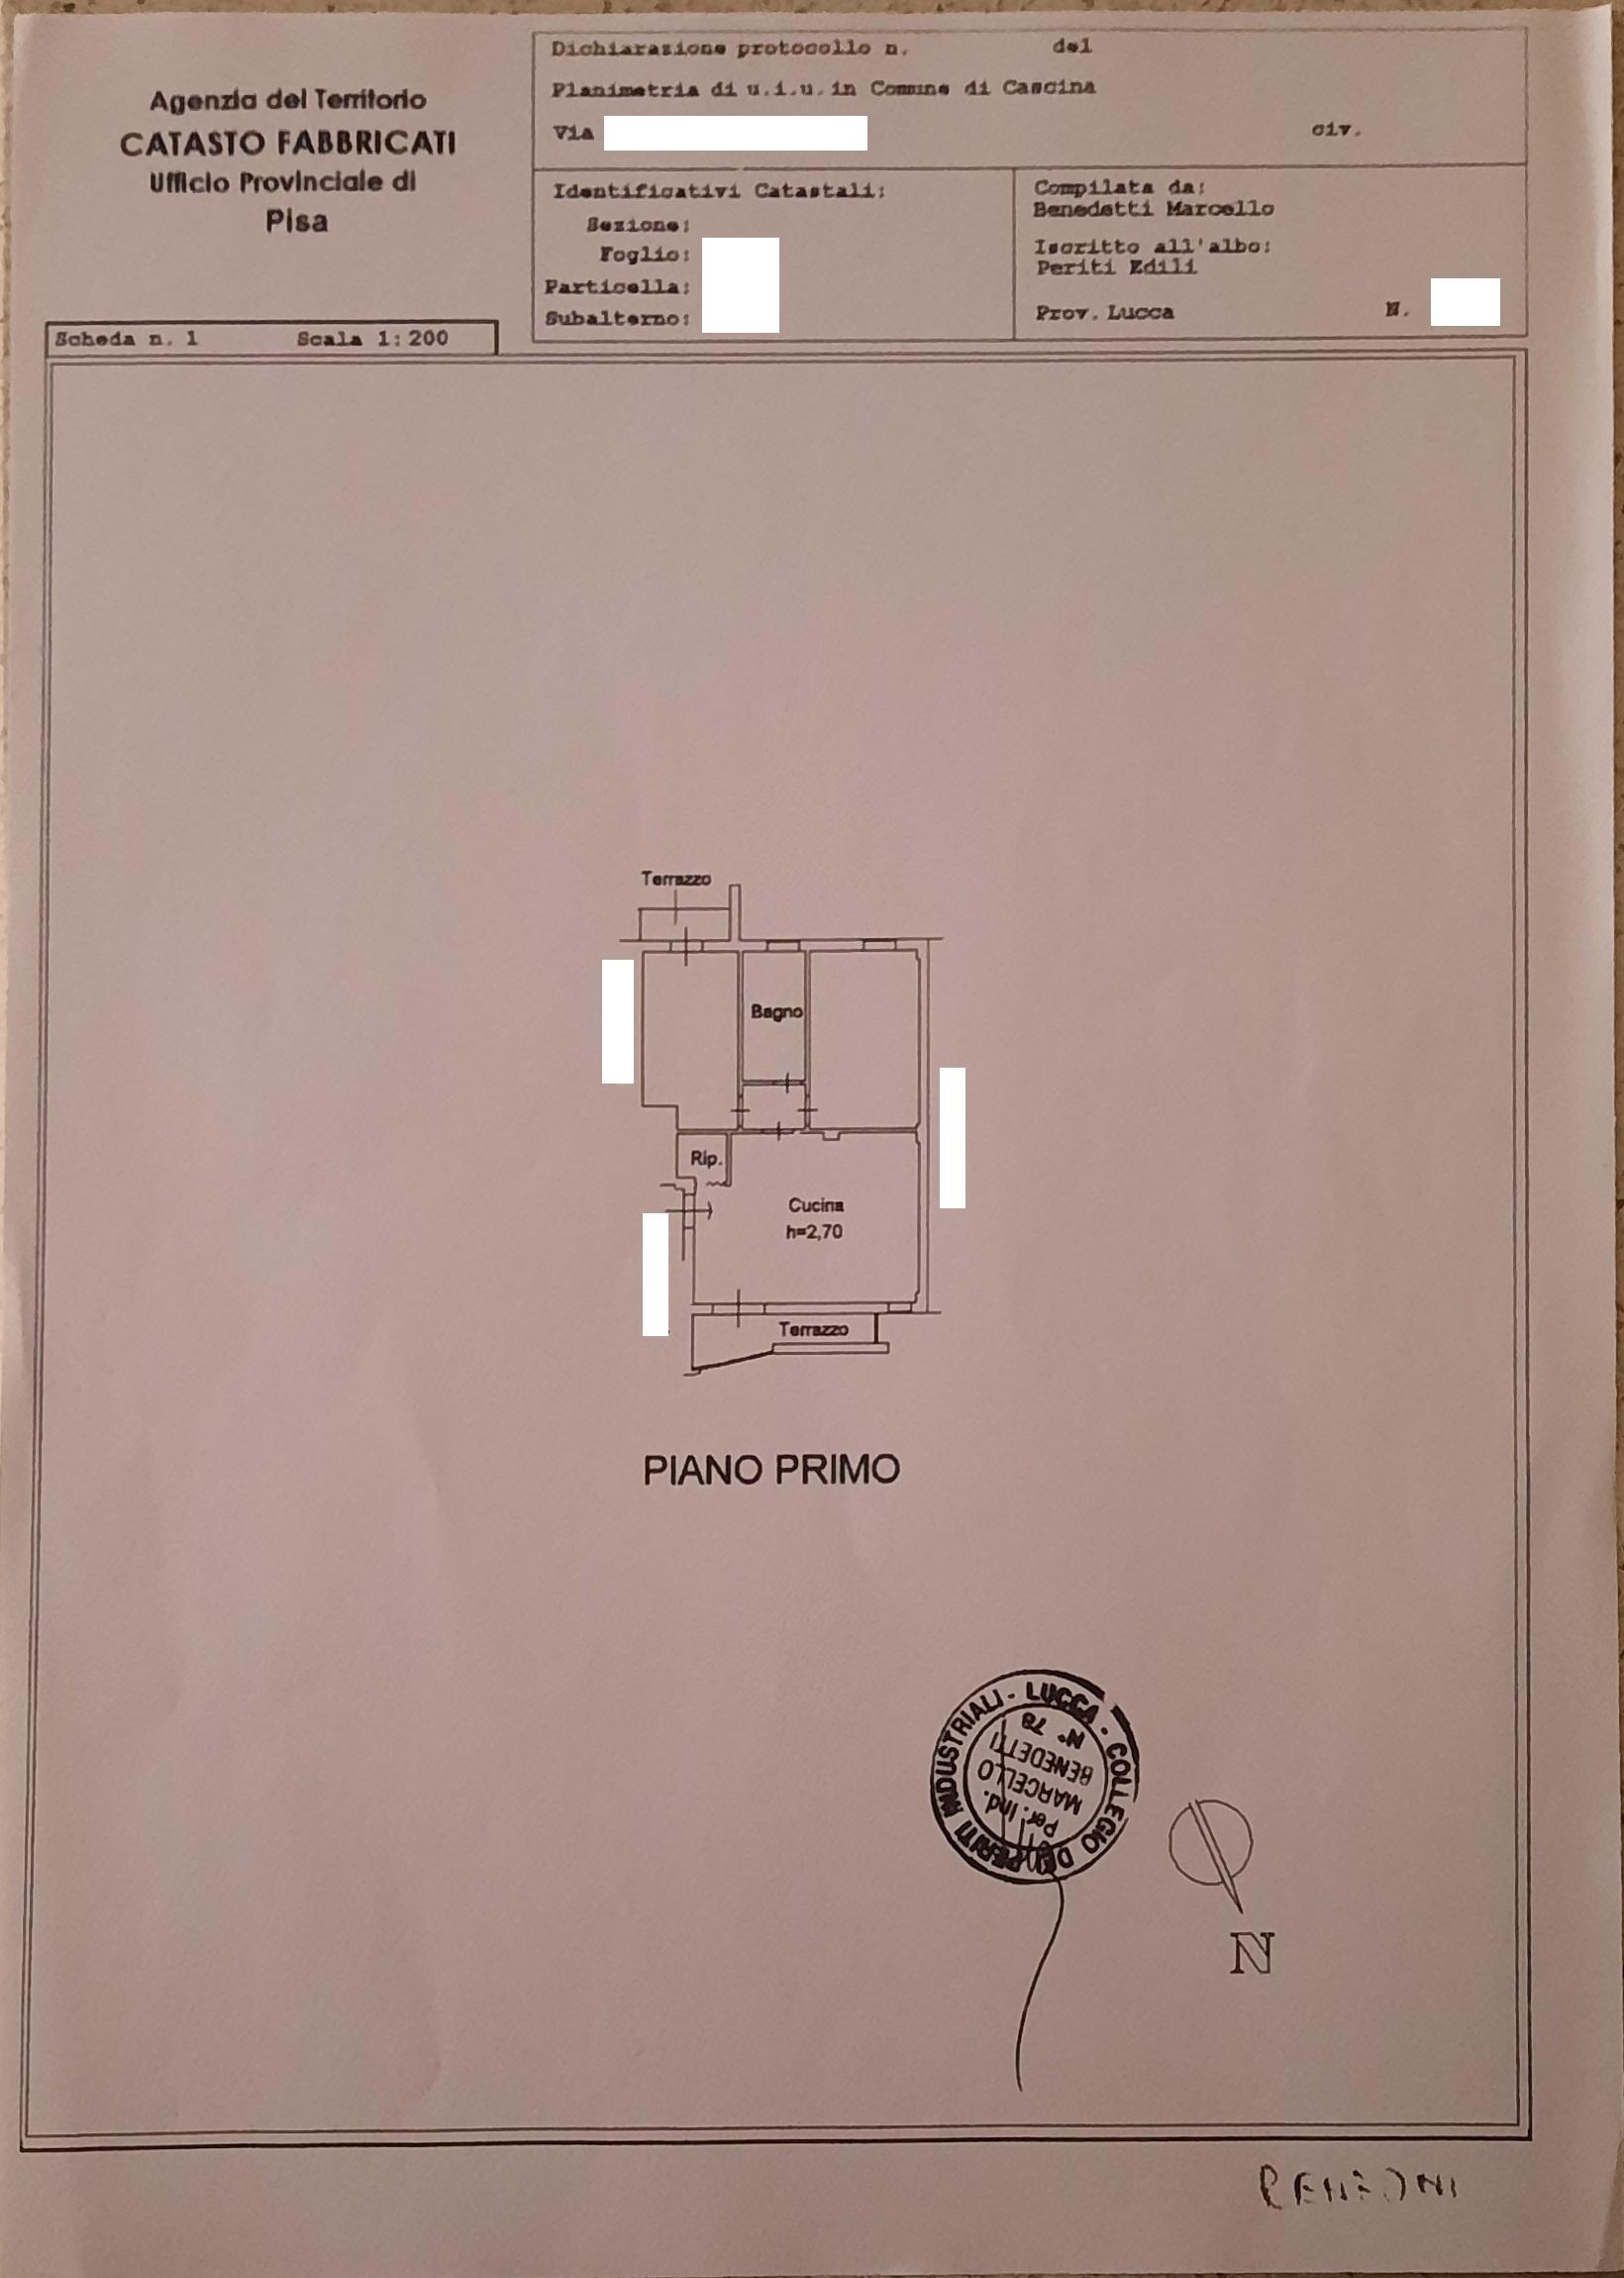 Appartamento in vendita, rif. AC350164 (Planimetria 1/2)